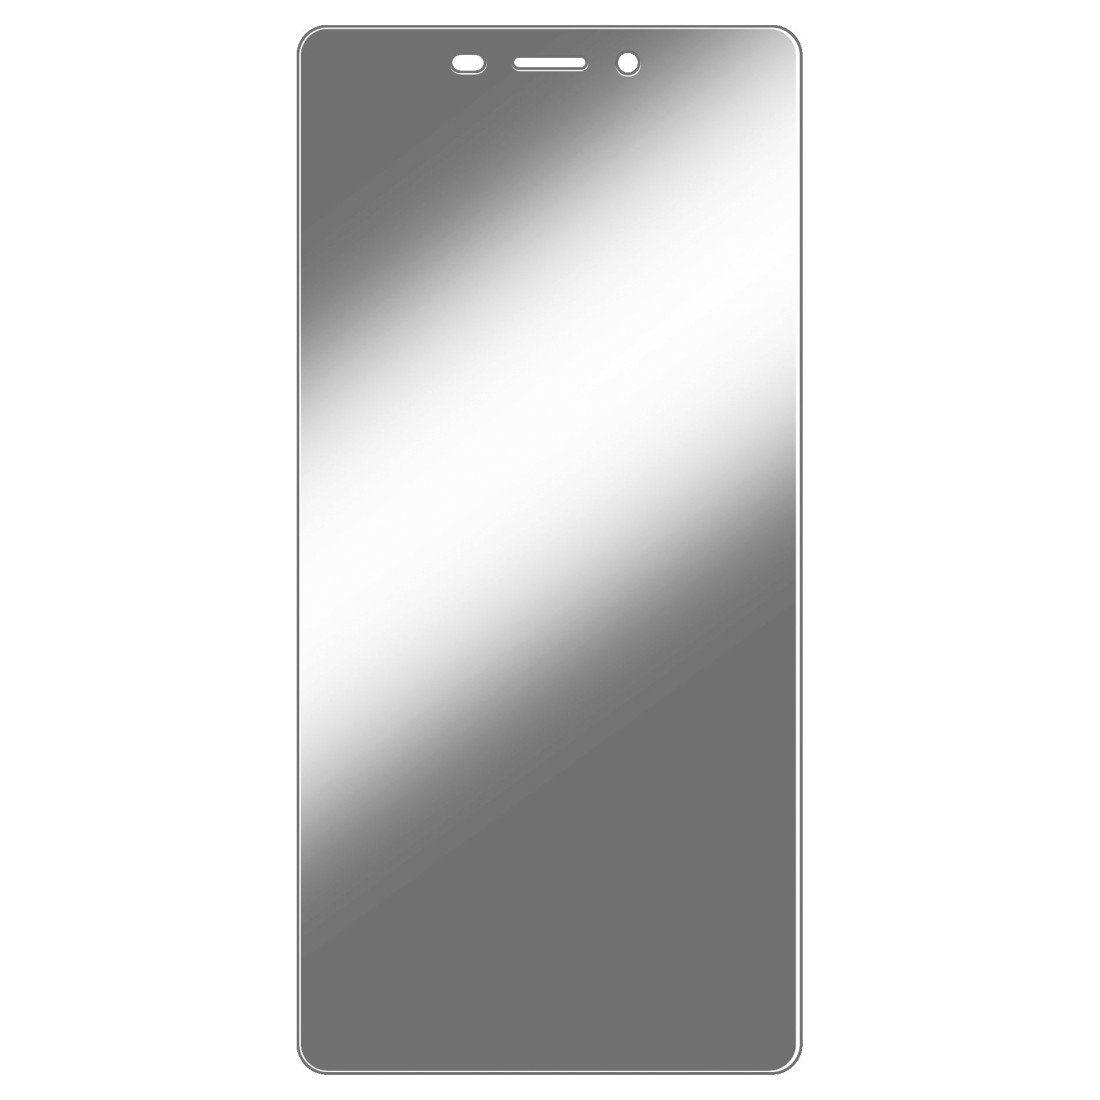 Hama Display-Schutzfolie Crystal Clear für ZTE Blade V580, 2 Stück